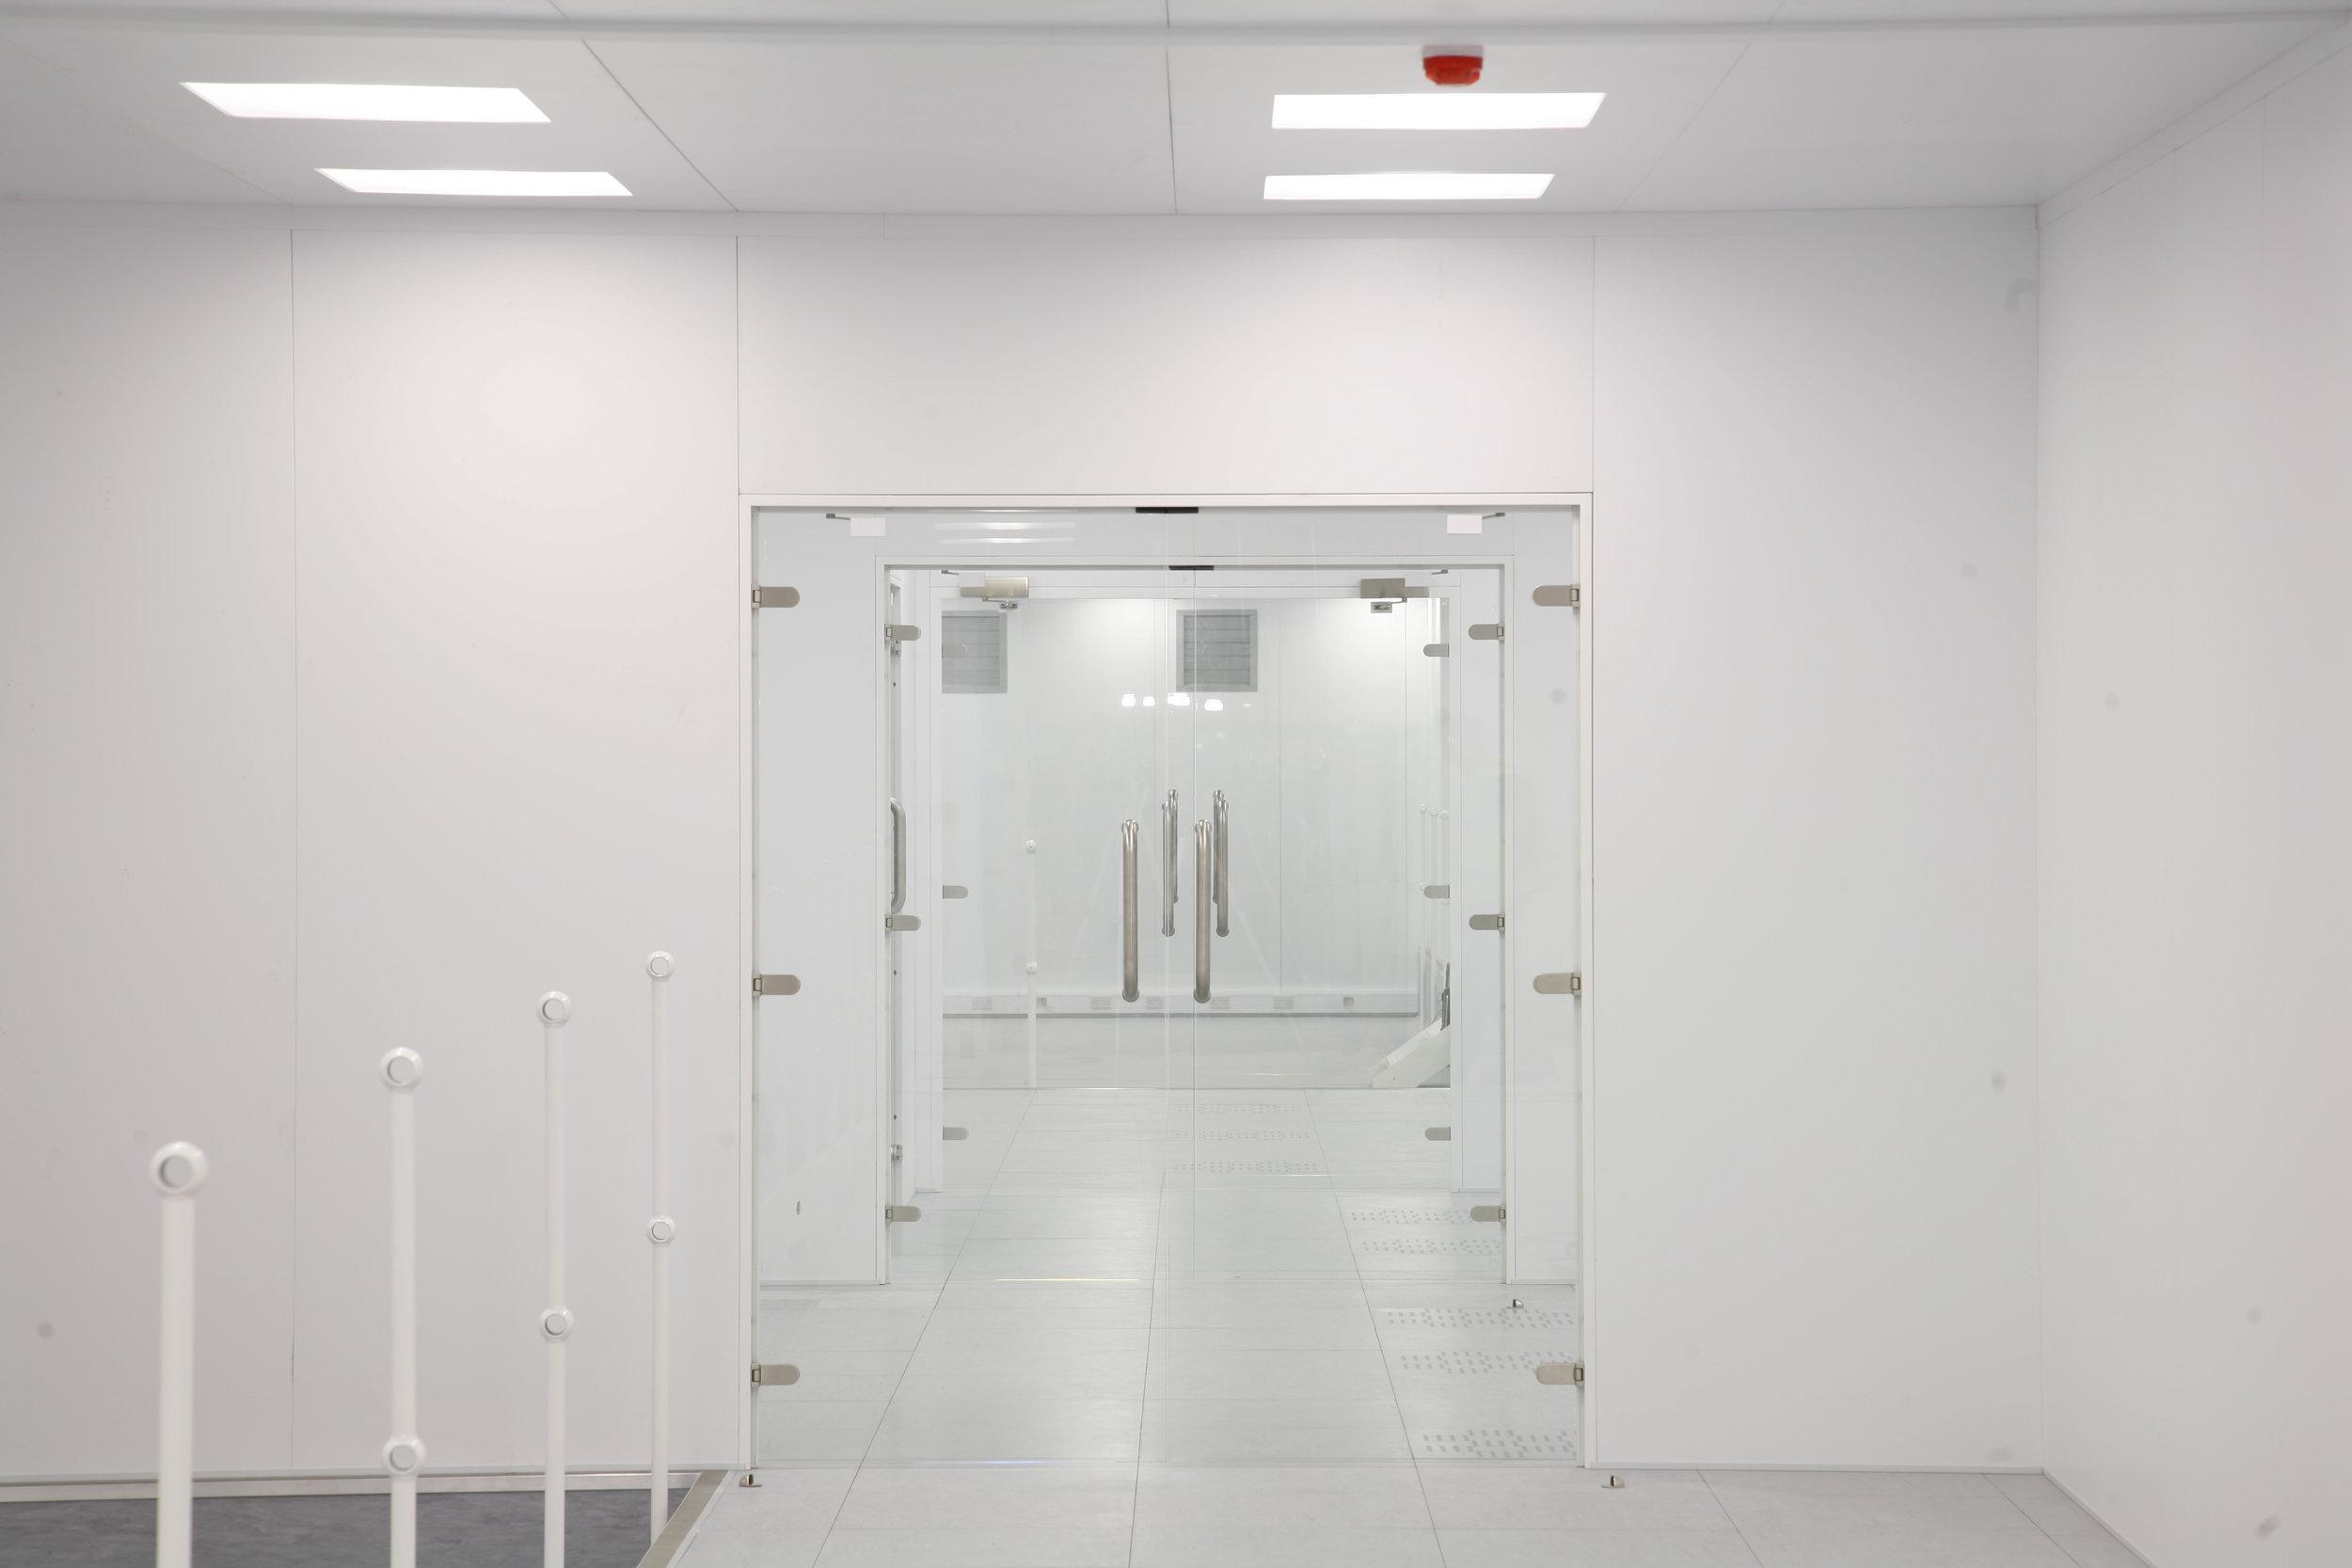 Xaar - Cleanroom